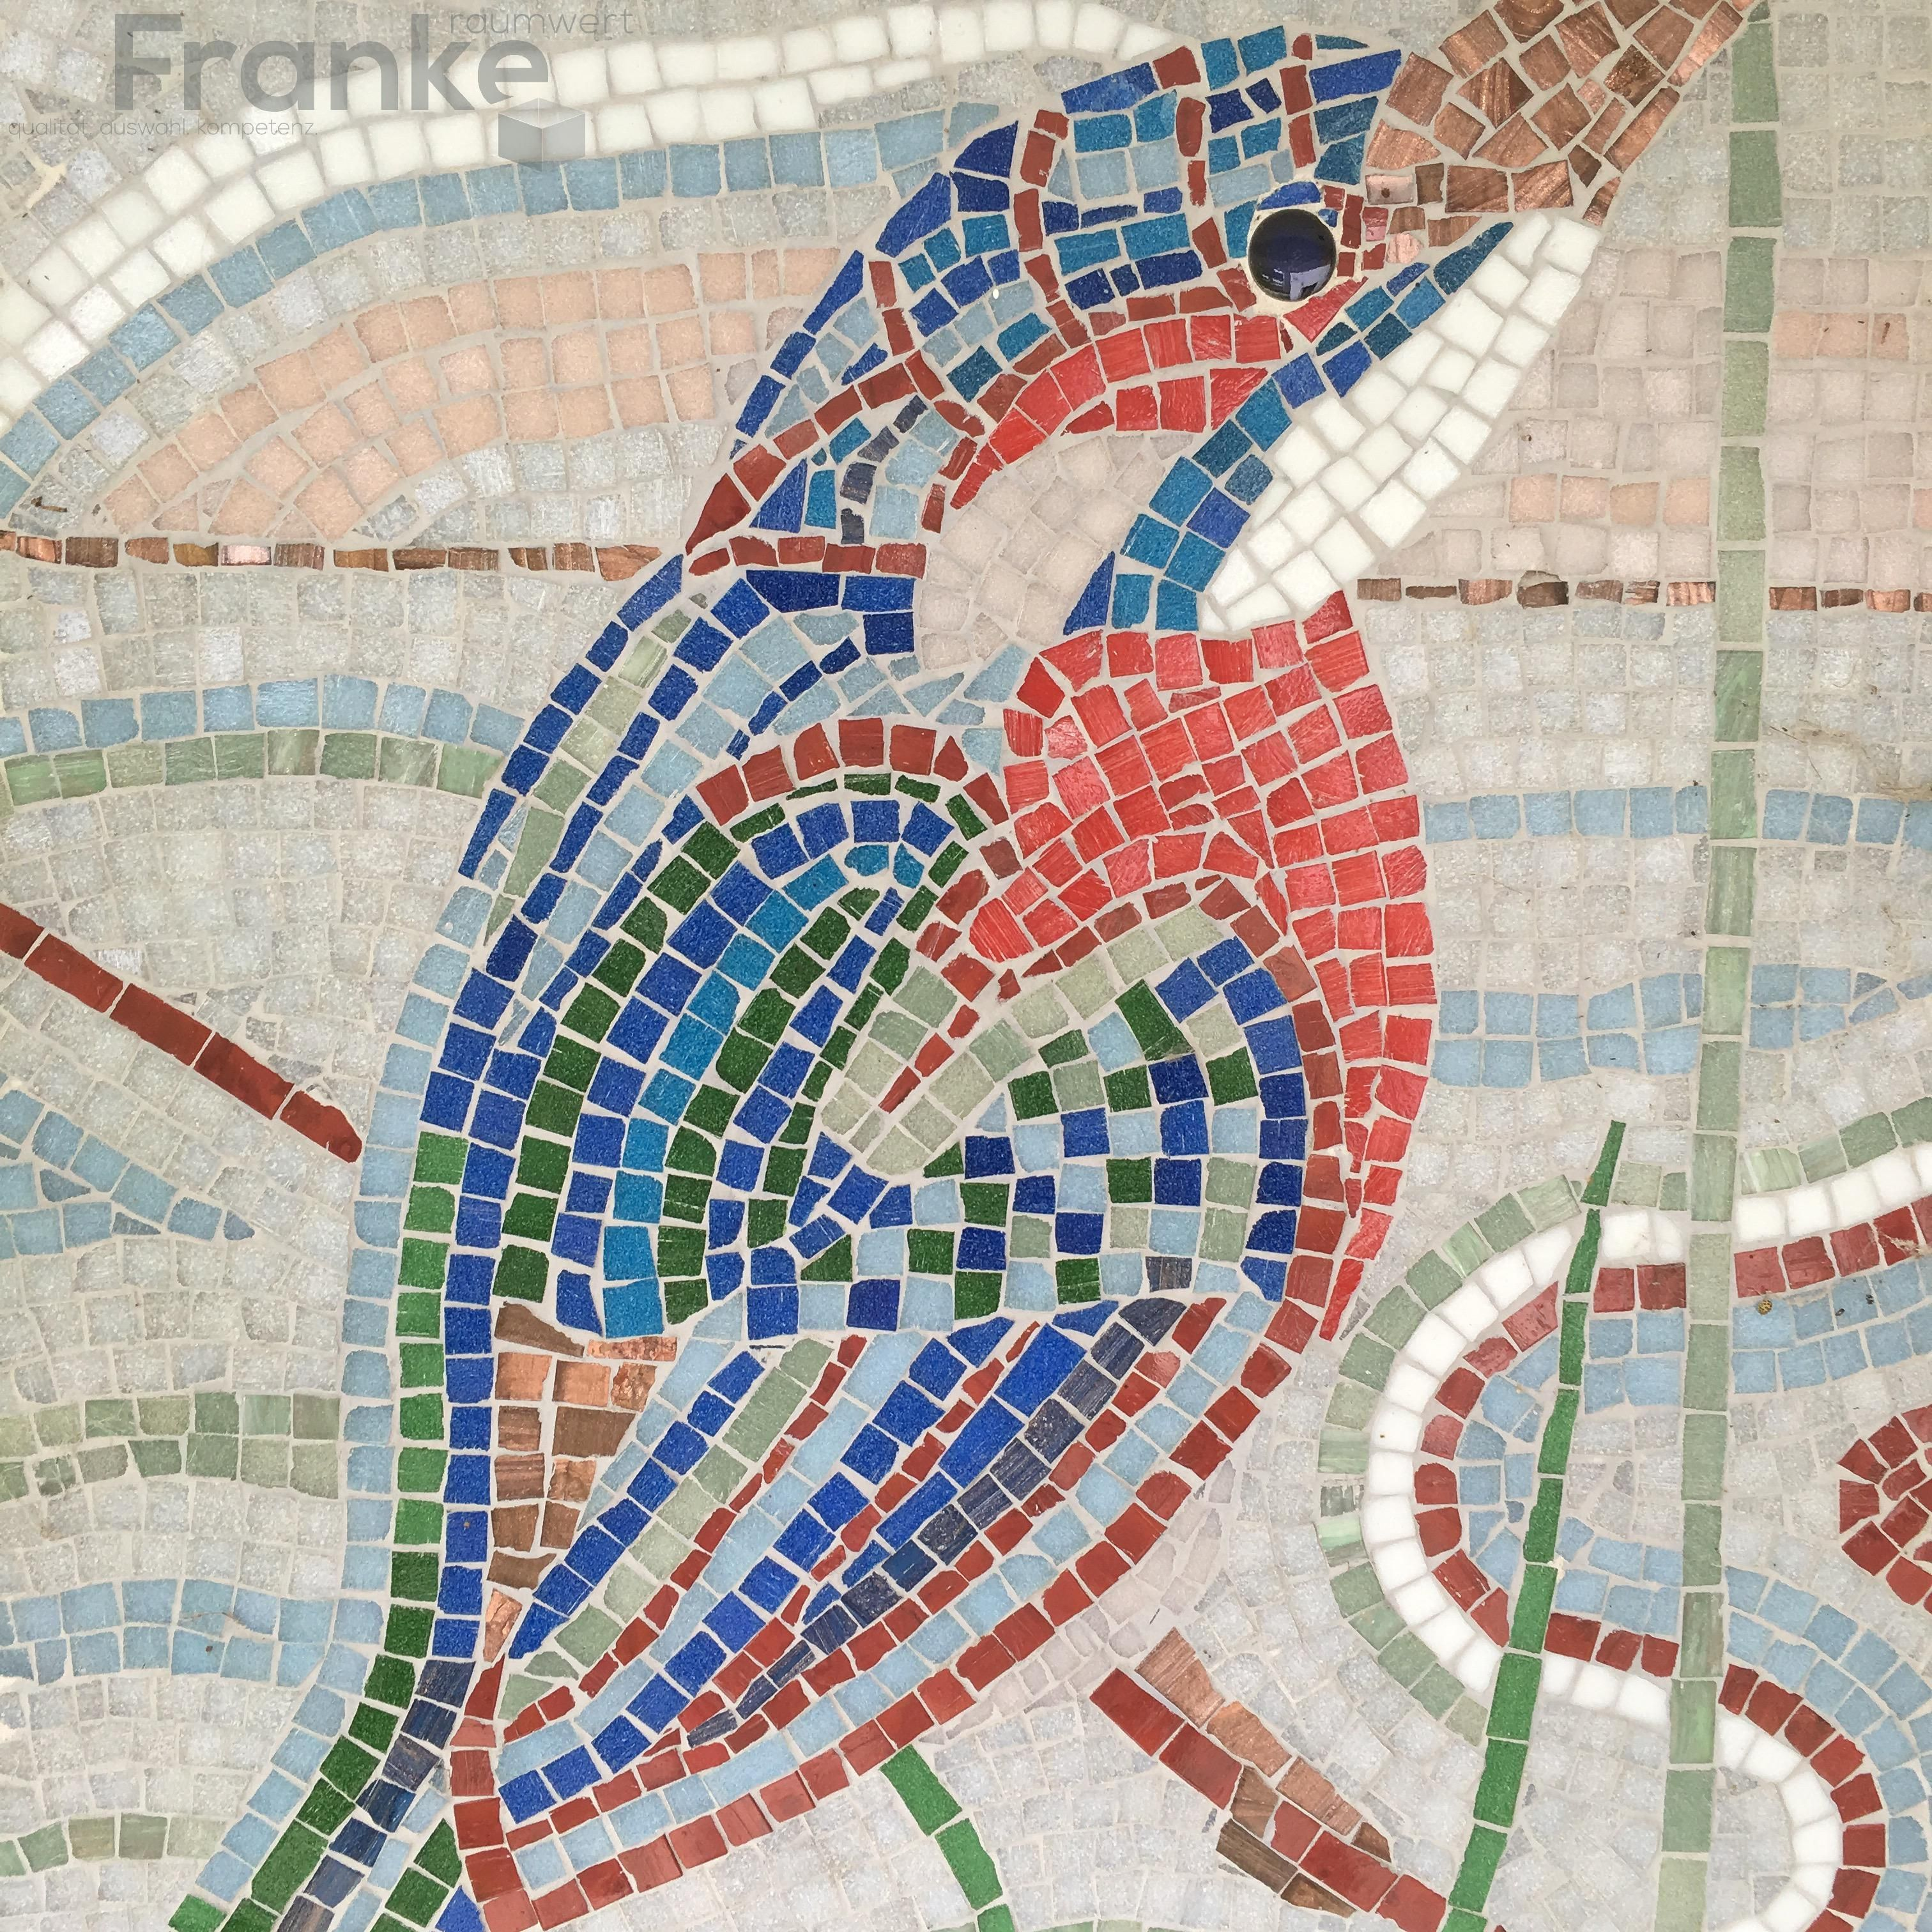 Bild mit kleinsten mosaiksteinen mosaik basteln handwerk kunst franke vogel fliesen - Mosaik badezimmer selber machen ...